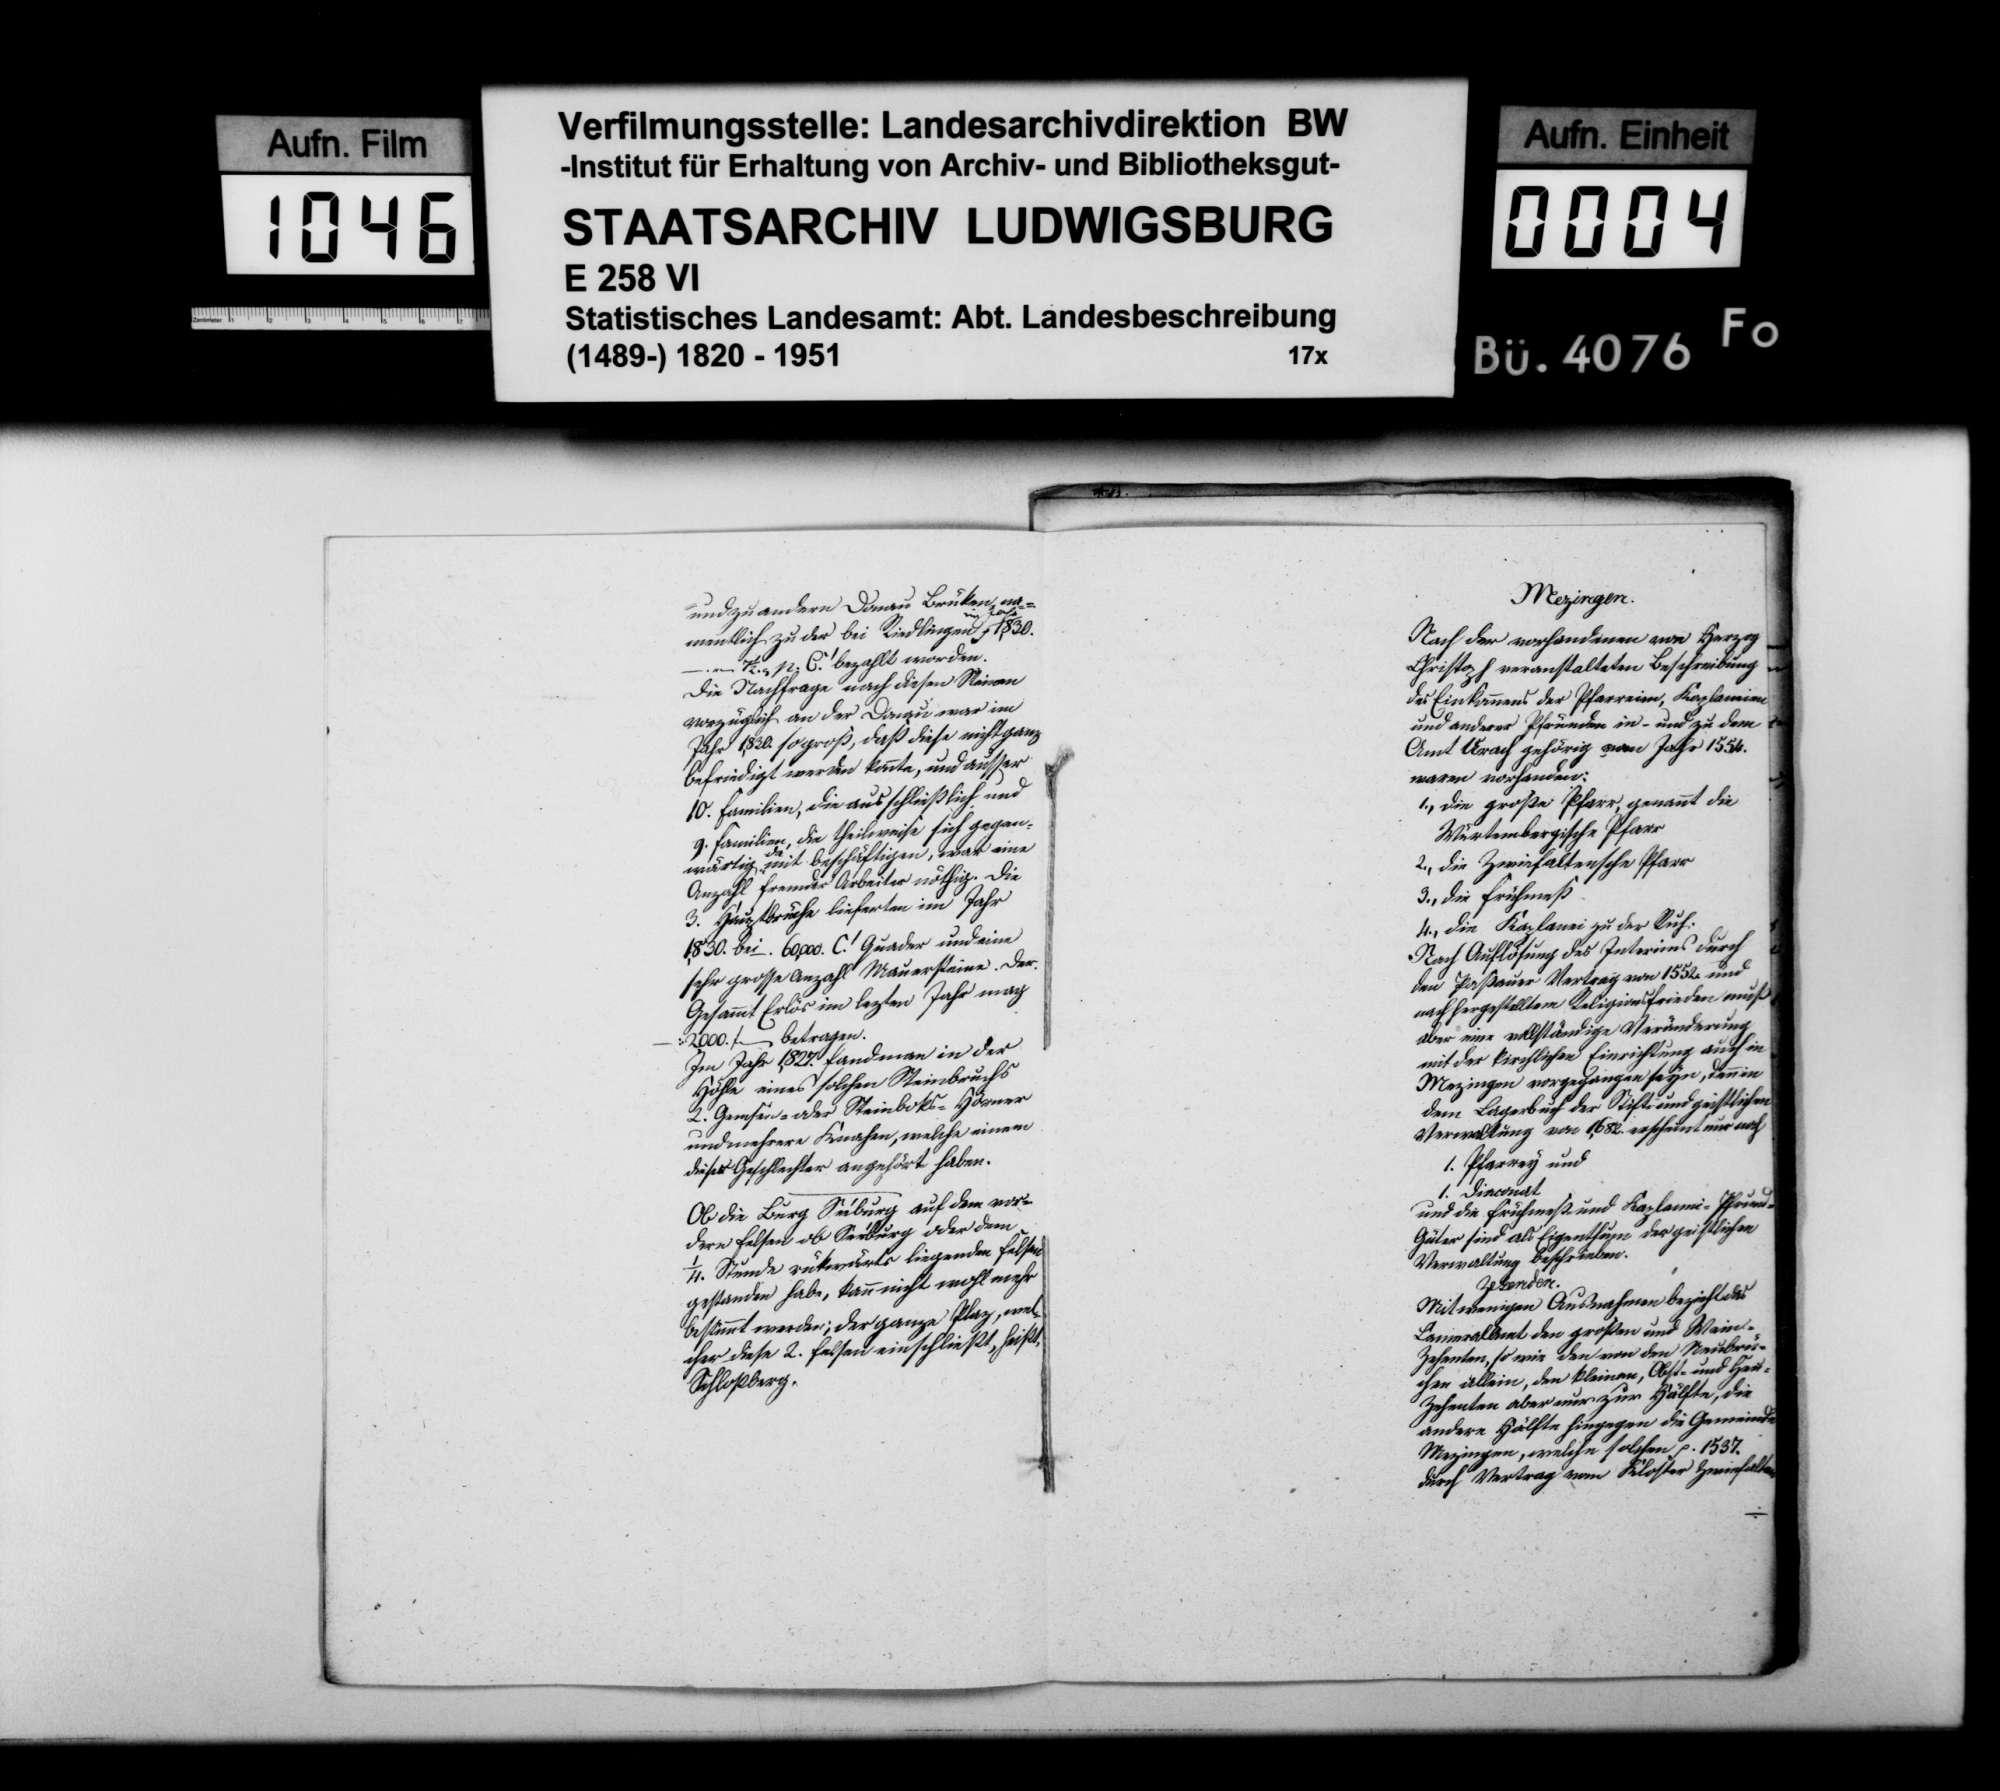 Abhandlungen, Notizen und Manuskriptentwürfe zum Gewerbe im Oberamt, Bild 3